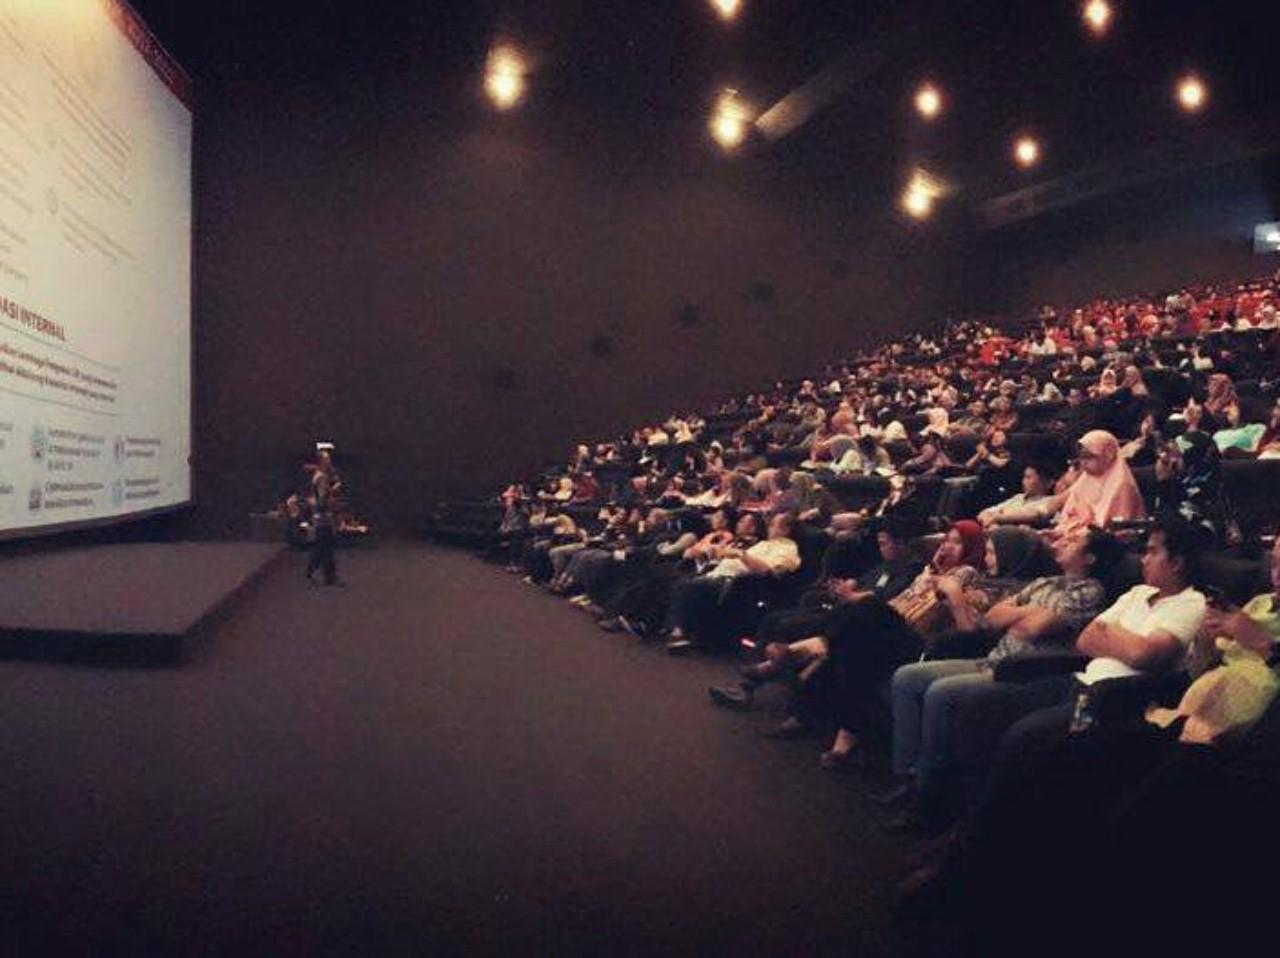 Bioskop Ecoplaza yang biasanya dijadikan tempat pemutaran Film diubah menjadi tempat seminar